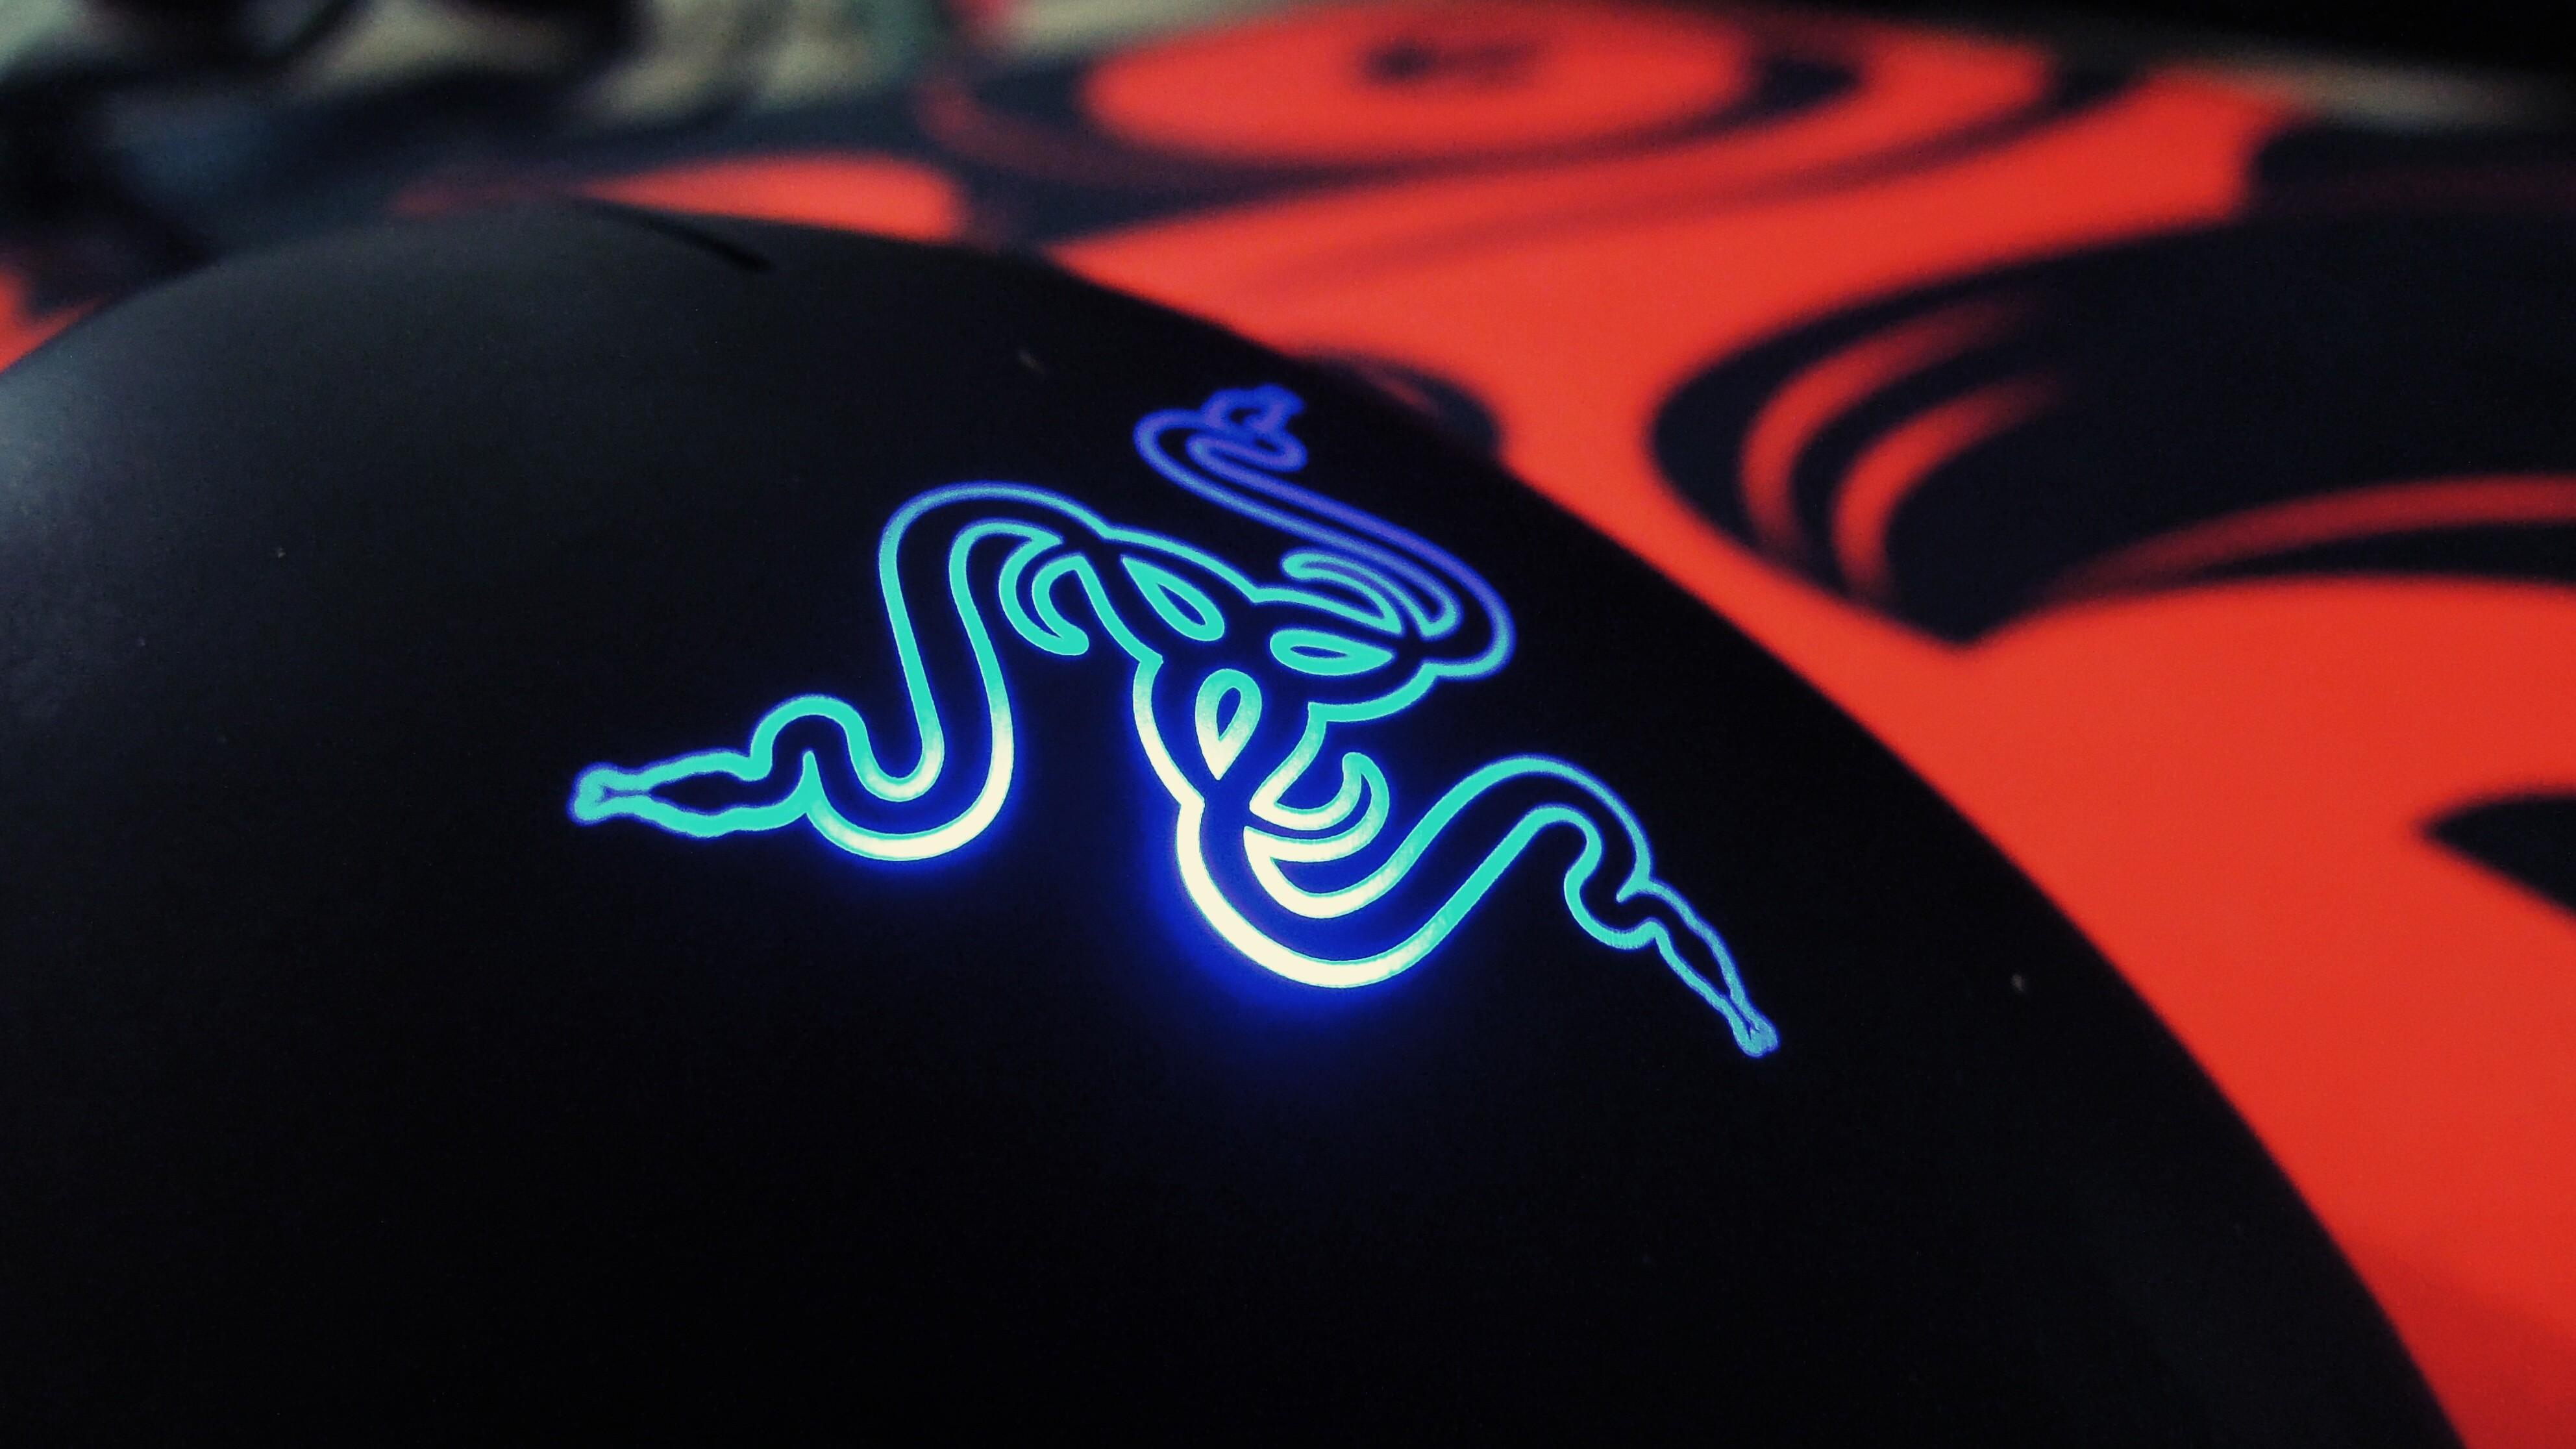 Sfondi nero illustrazione videogiochi rosso blu for Sfondi razer